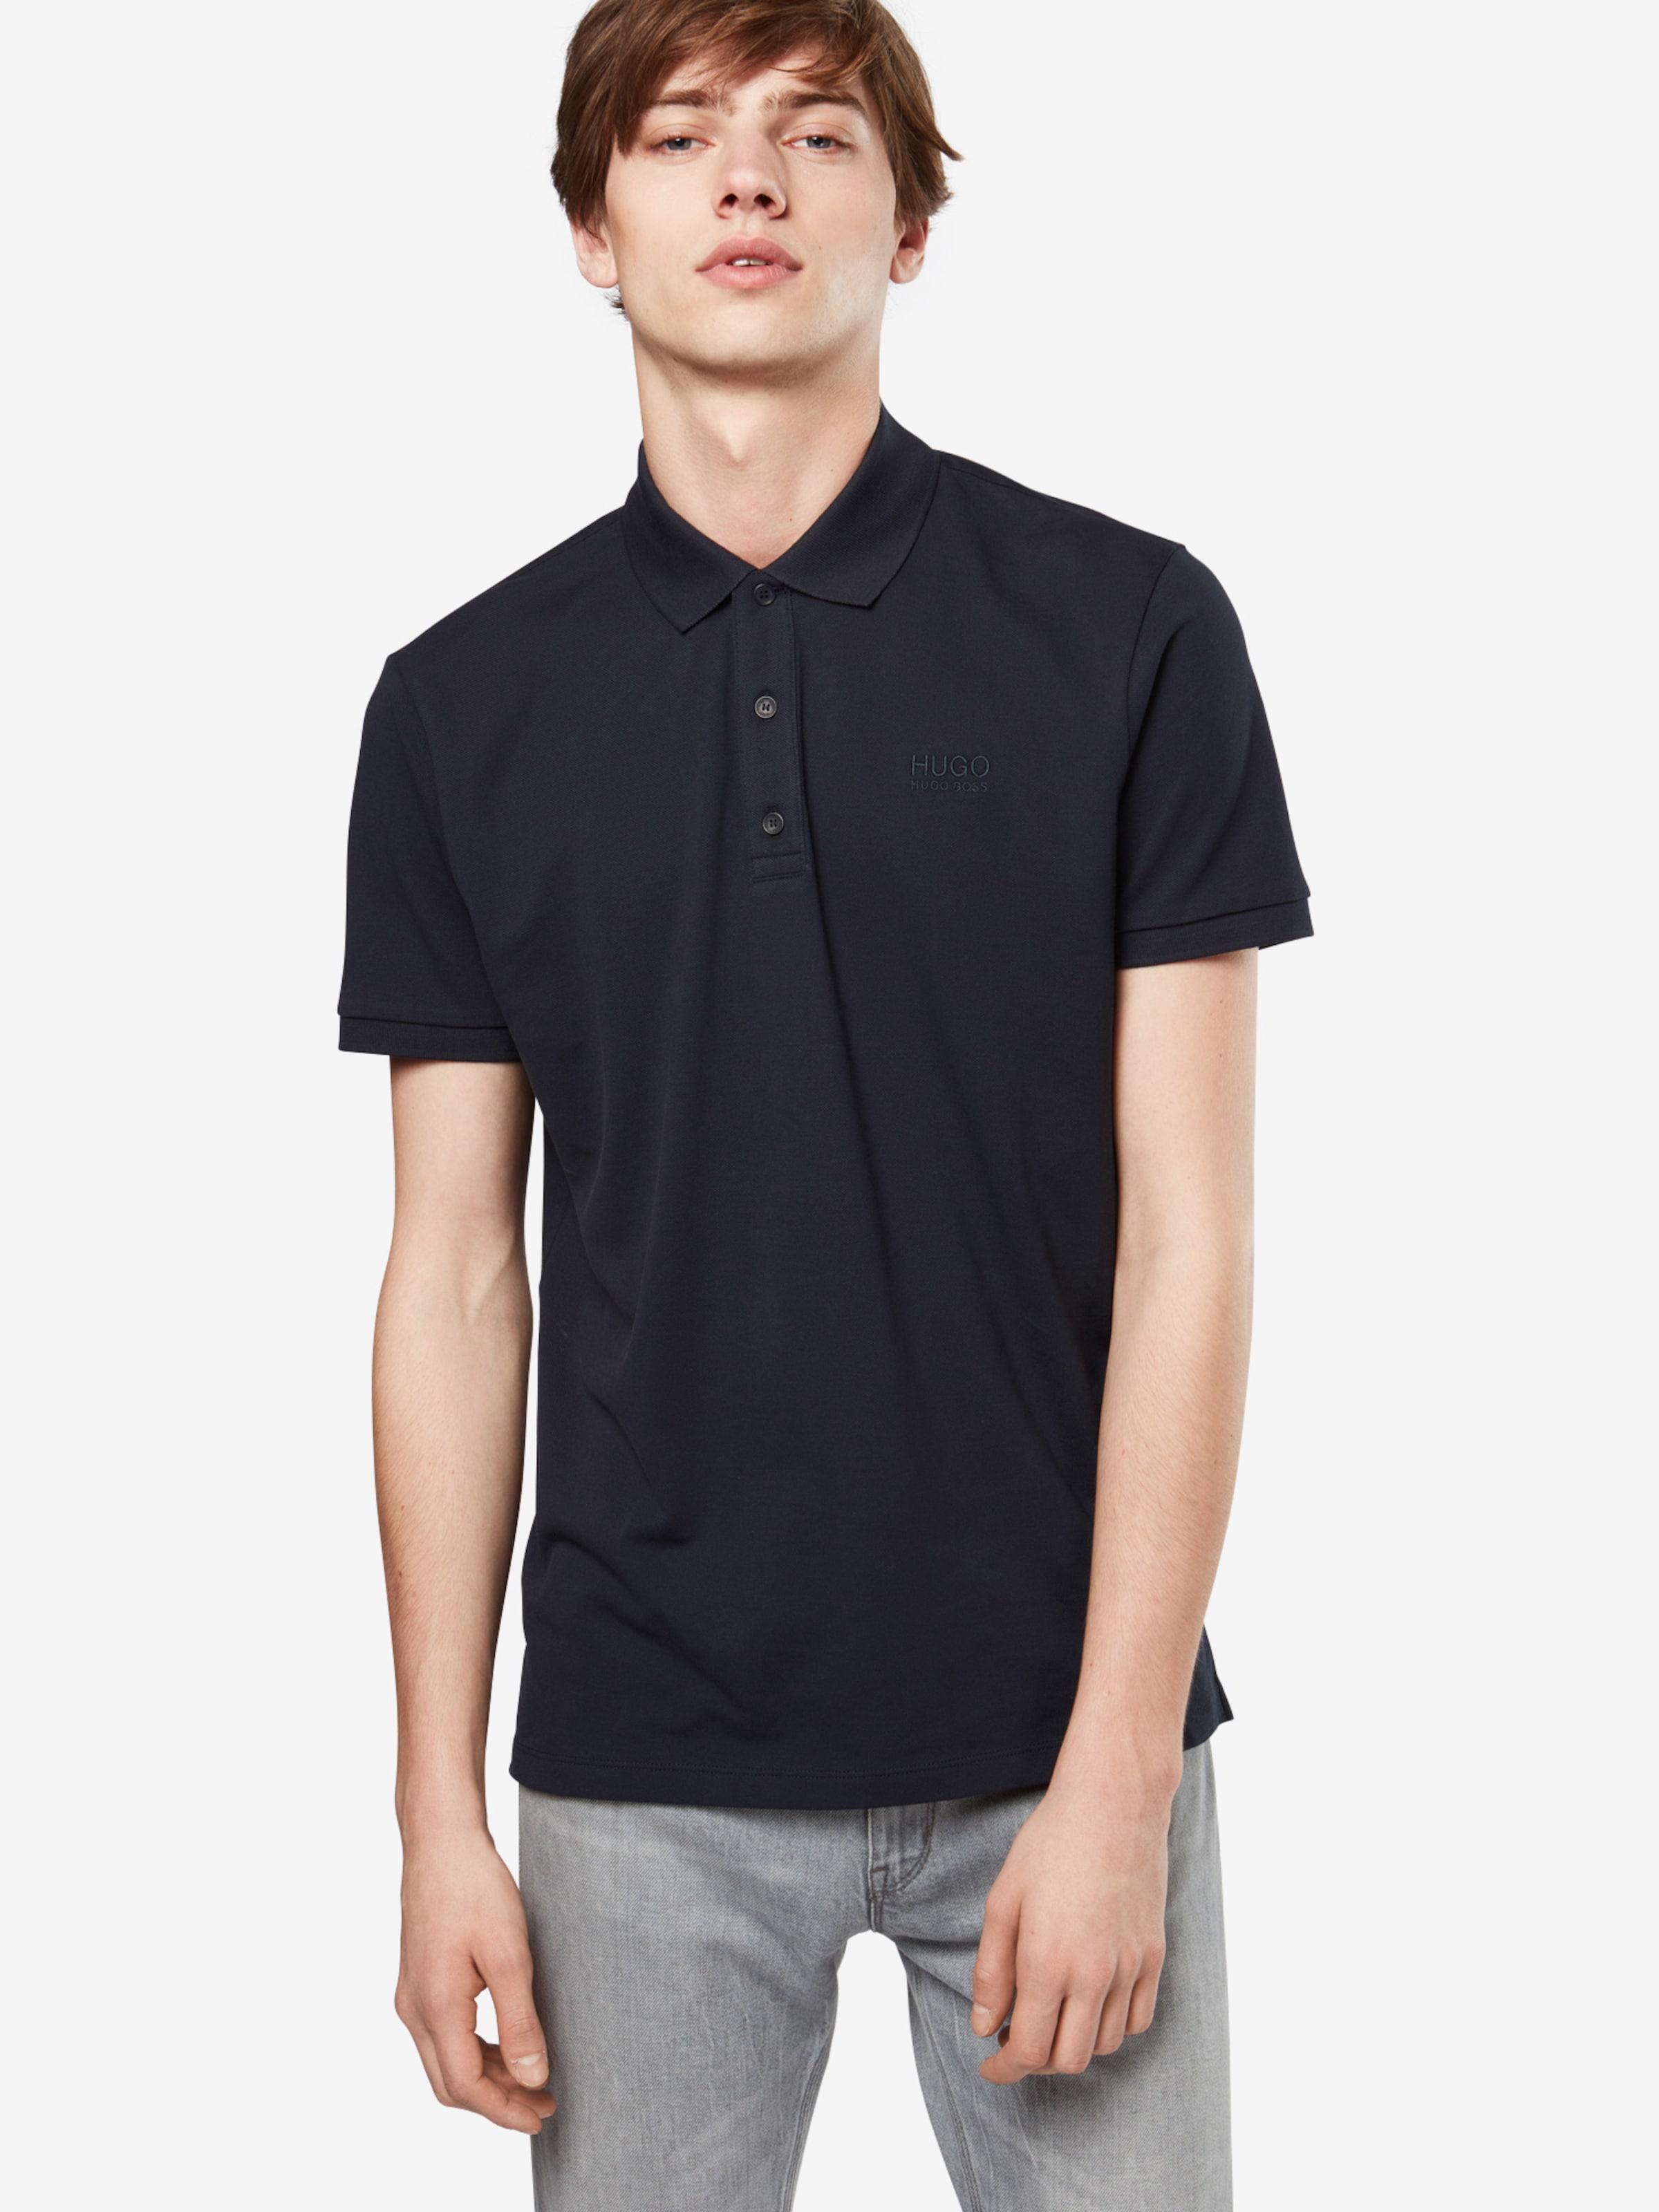 Spielraum Ebay HUGO Poloshirt 'Donos' Outlet-Store Online Günstige Rabatte Authentisch Günstiger Preis 100% Authentisch Online d96xM4Rr